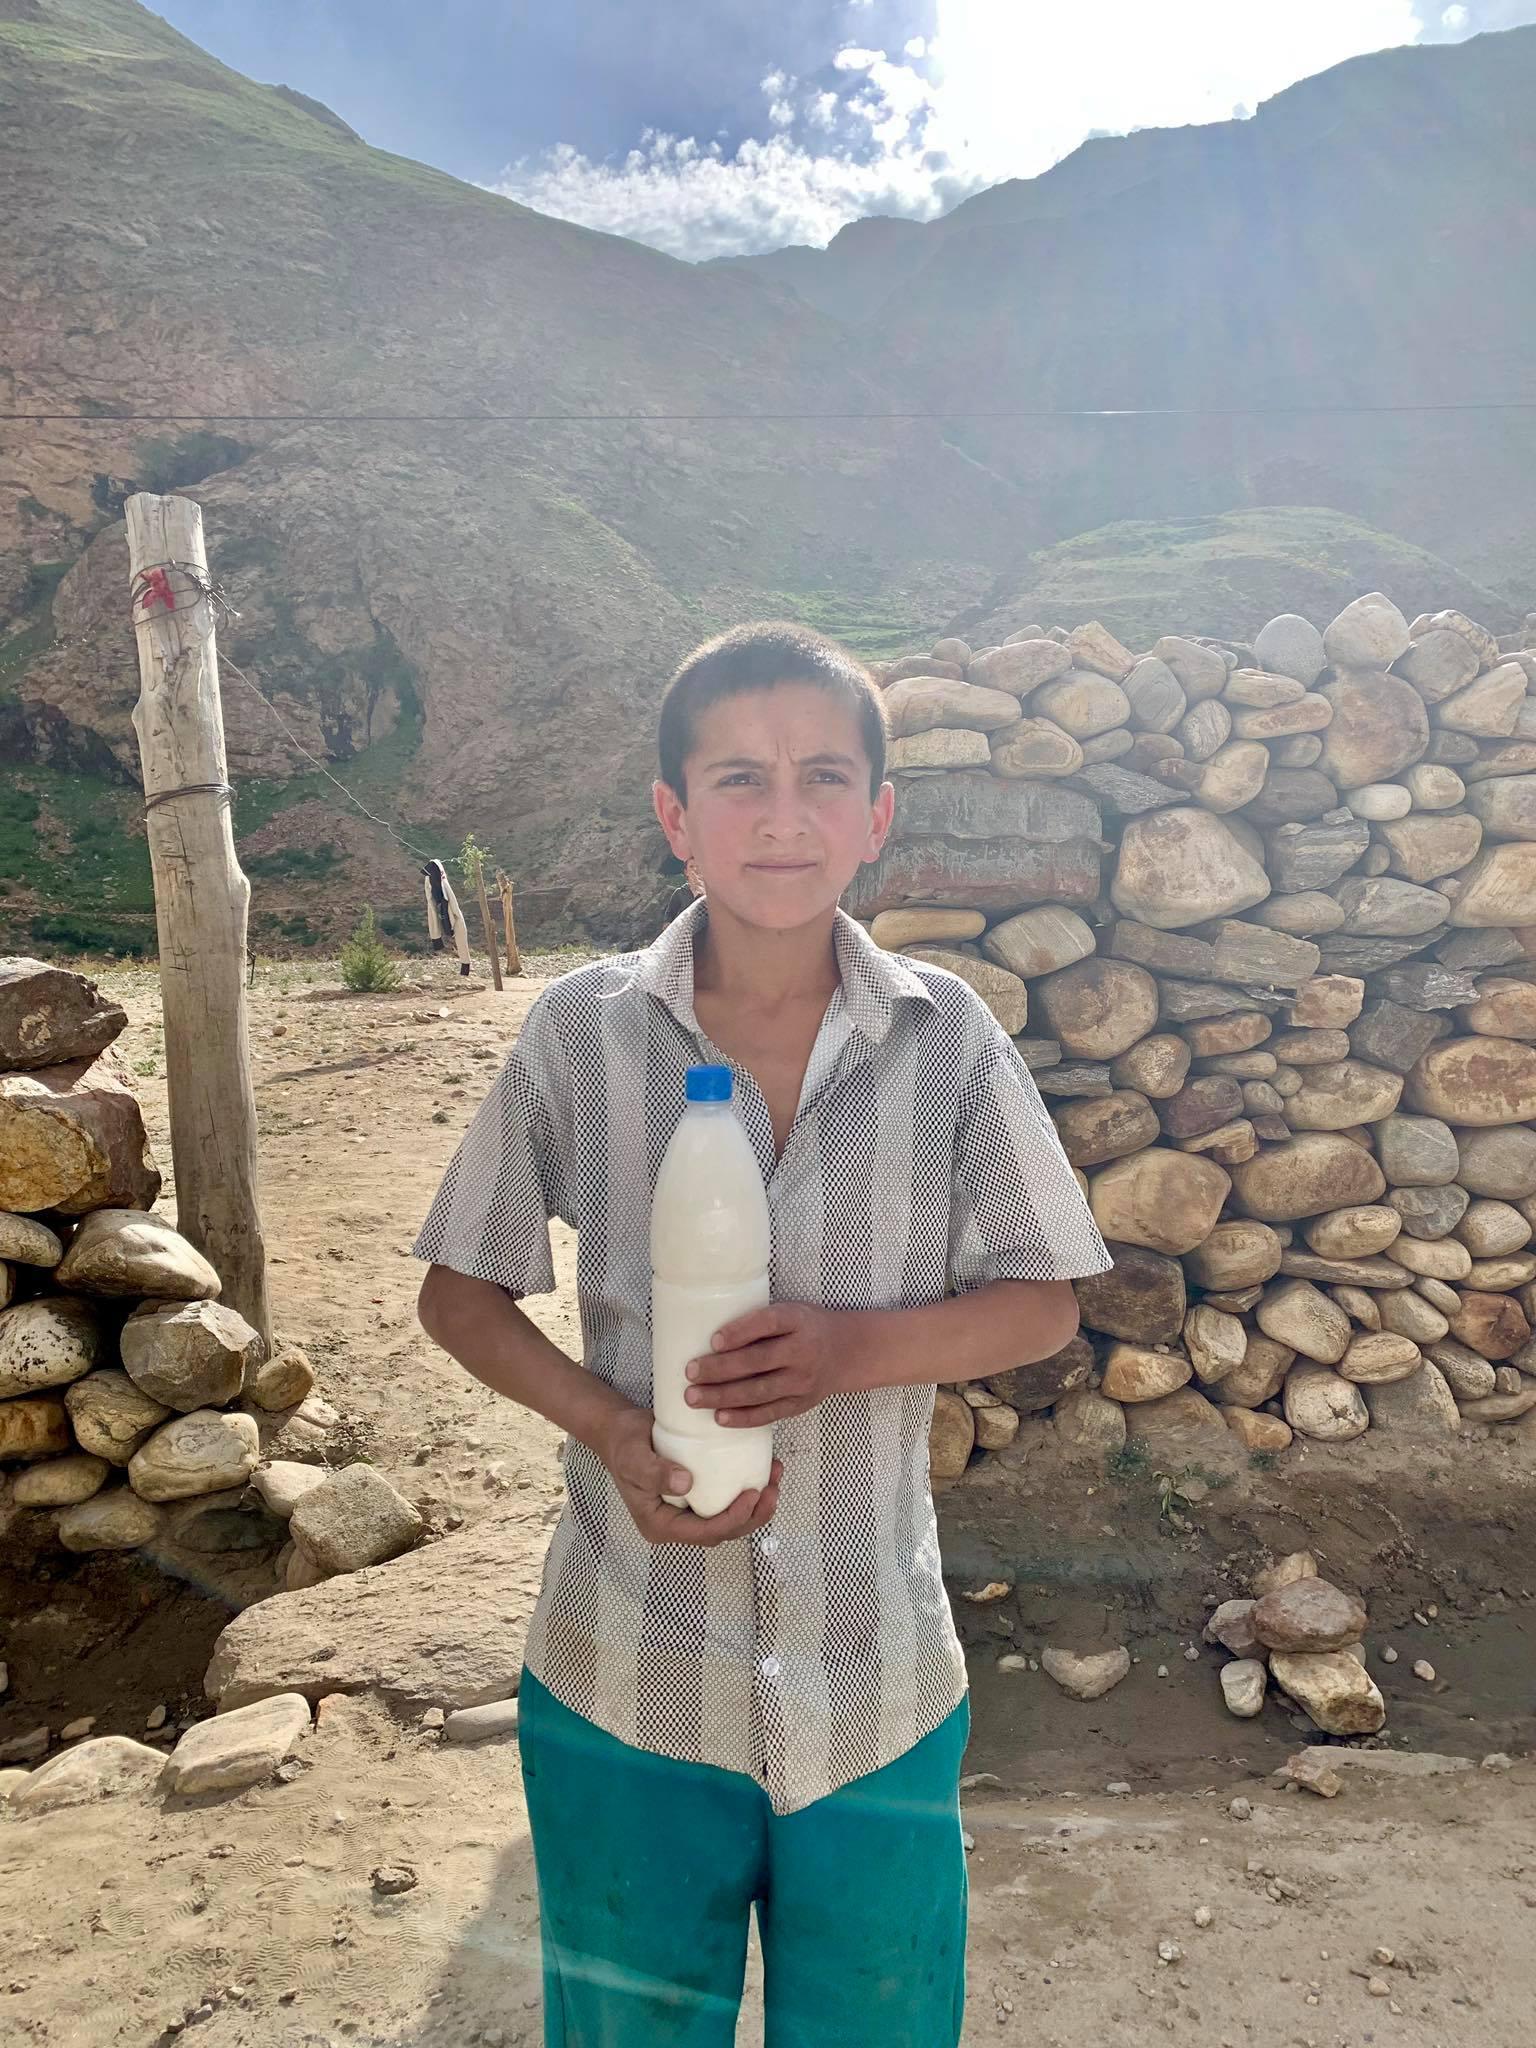 Kach Solo Travels in 2019 Pamir Highway Trip in Tajikistan37.jpg